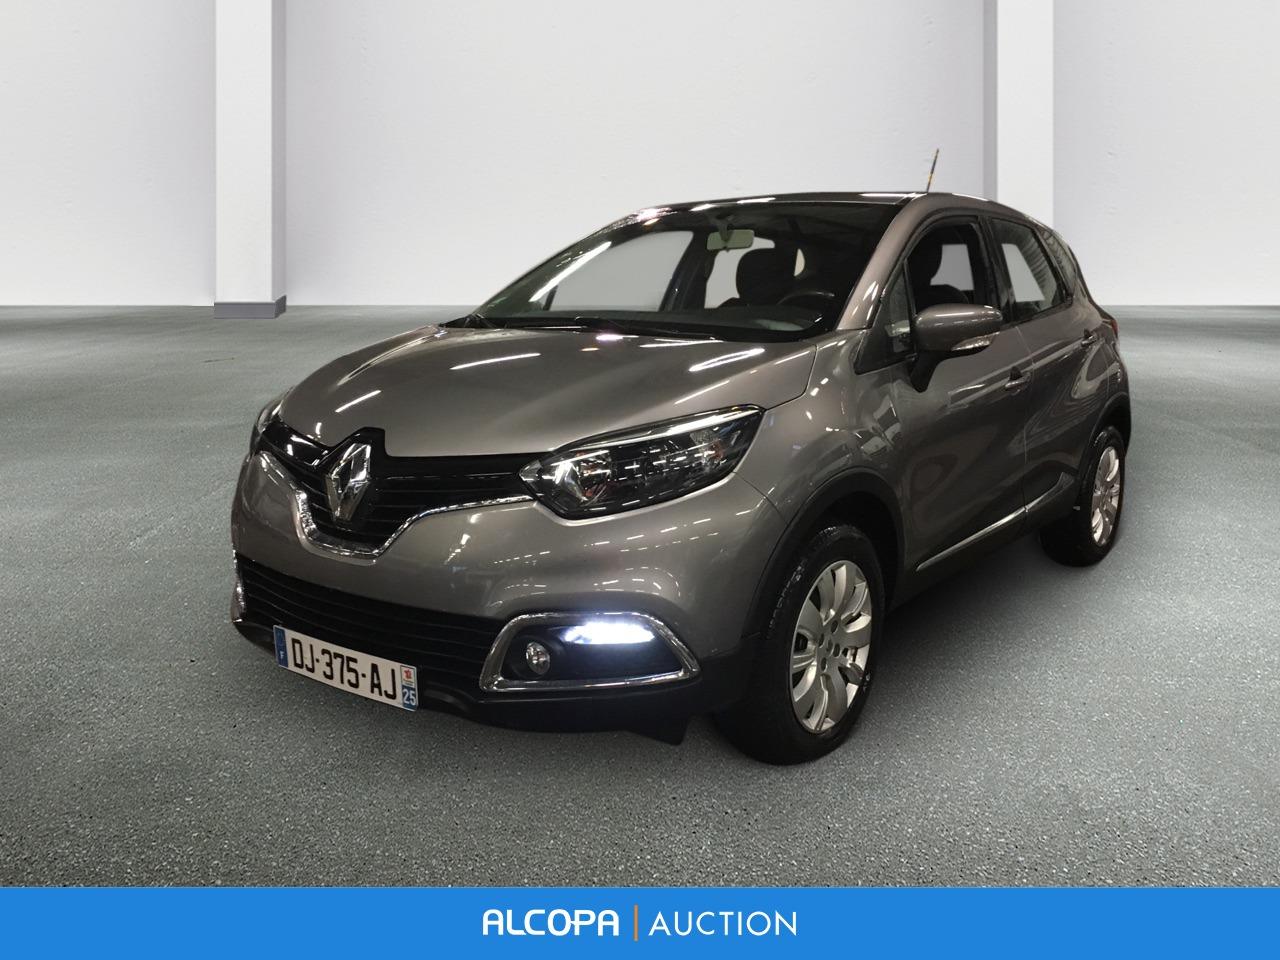 Renault Captur Captur Tce 90 Energy S S Eco2 Zen Alcopa Auction